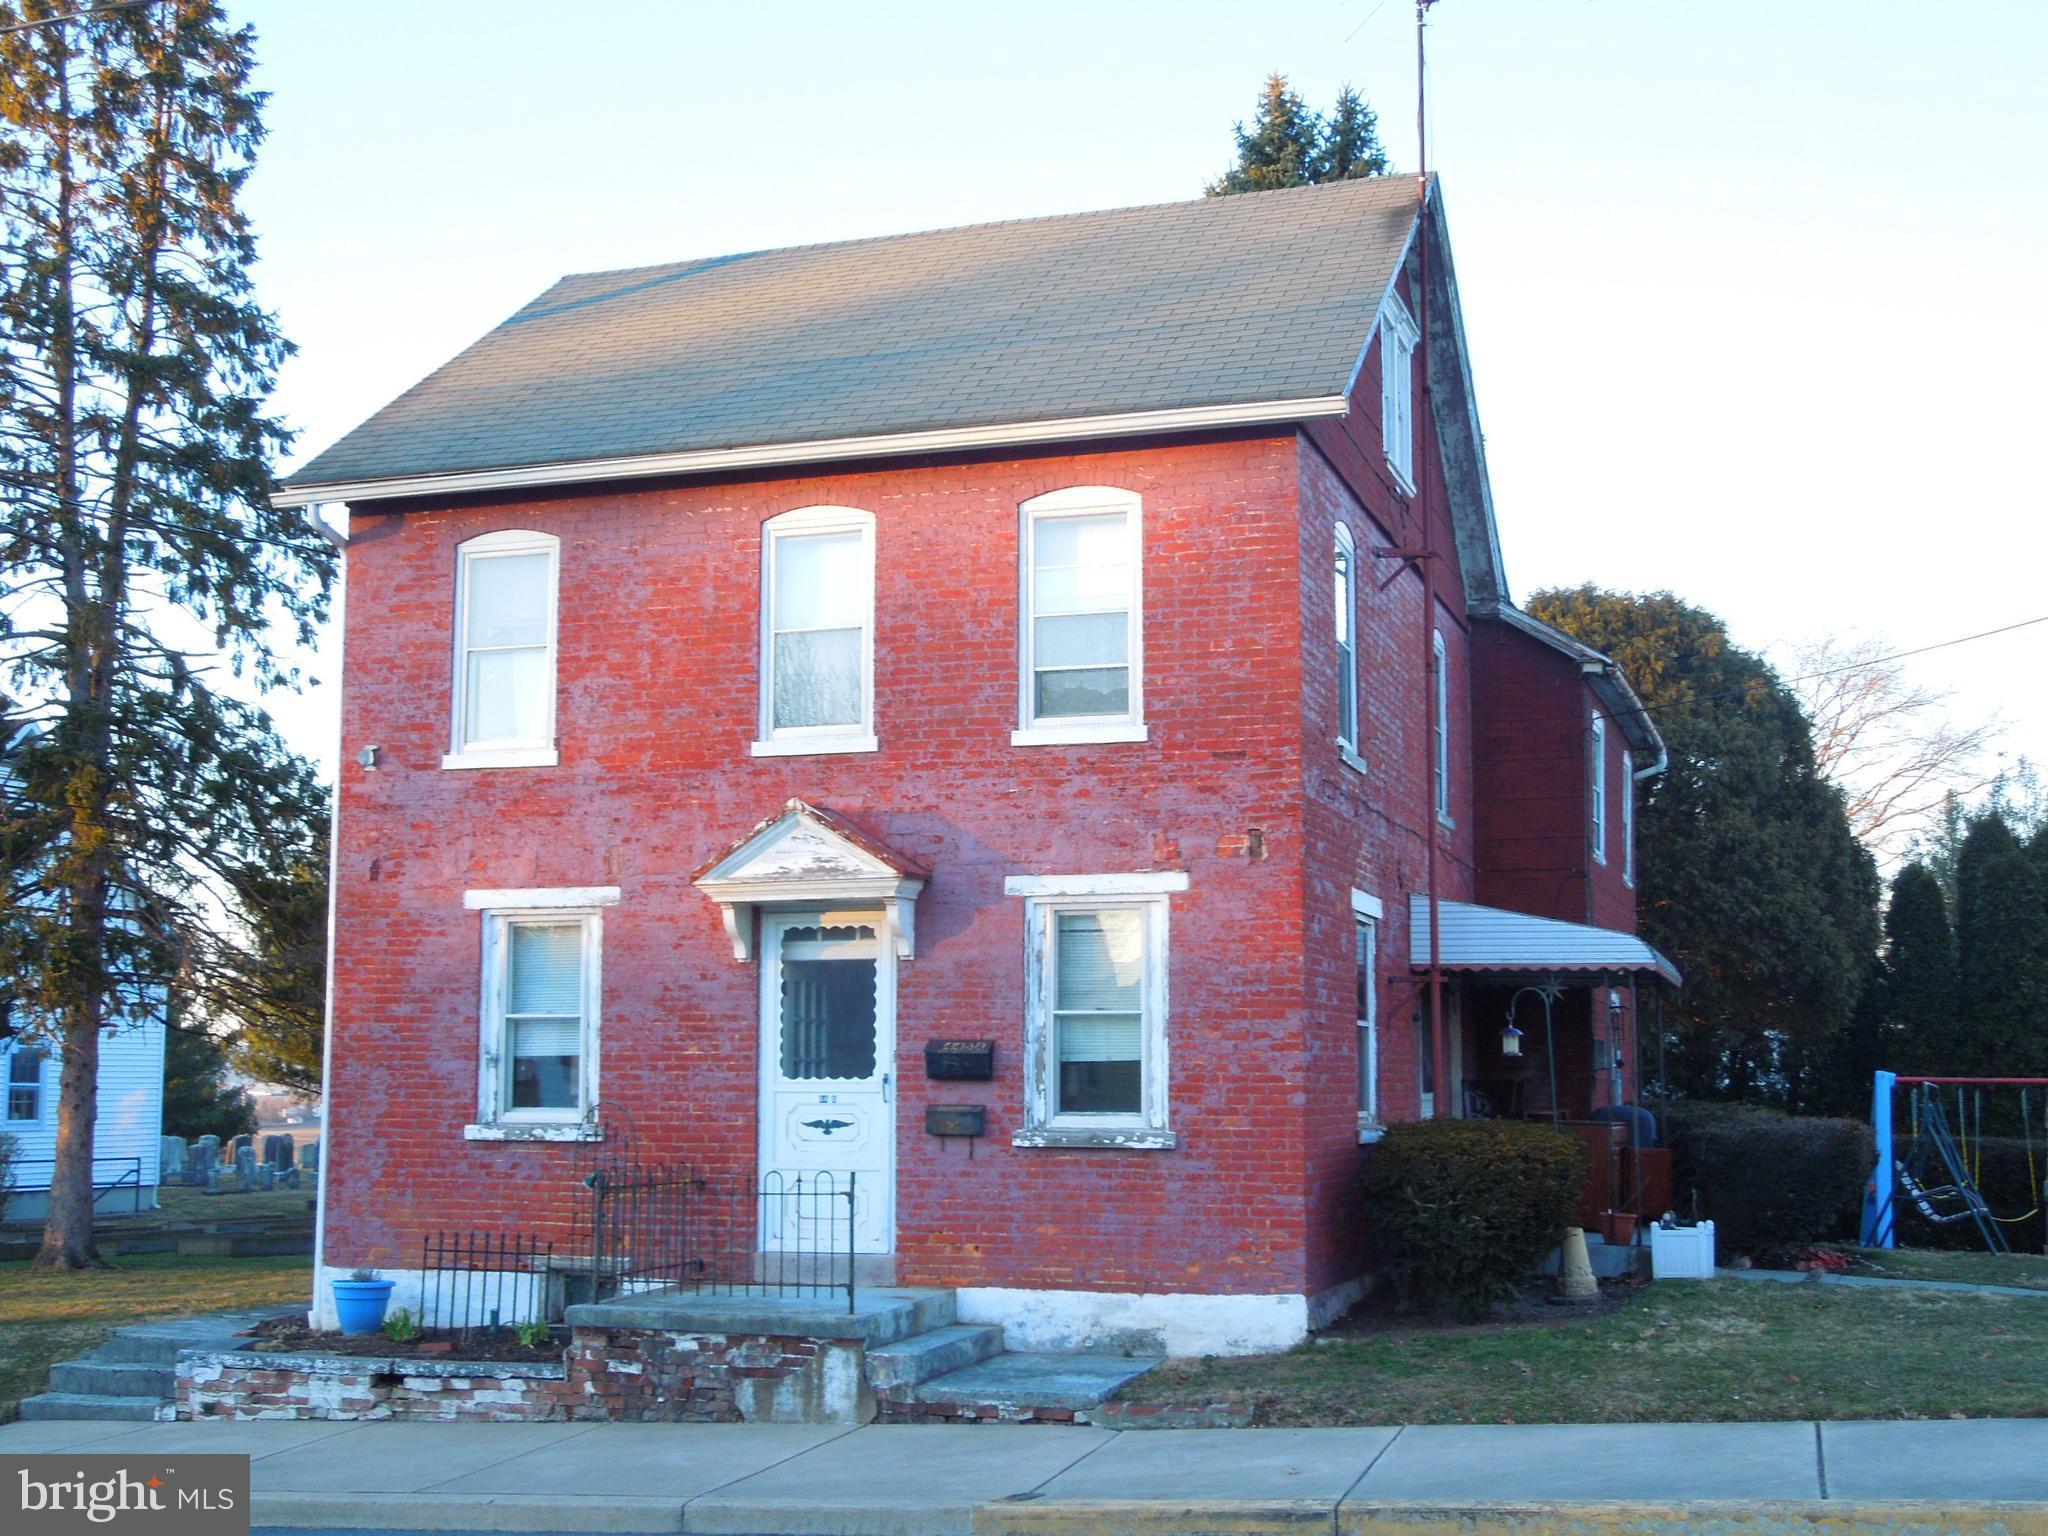 445 MAIN STREET, AKRON, PA 17501